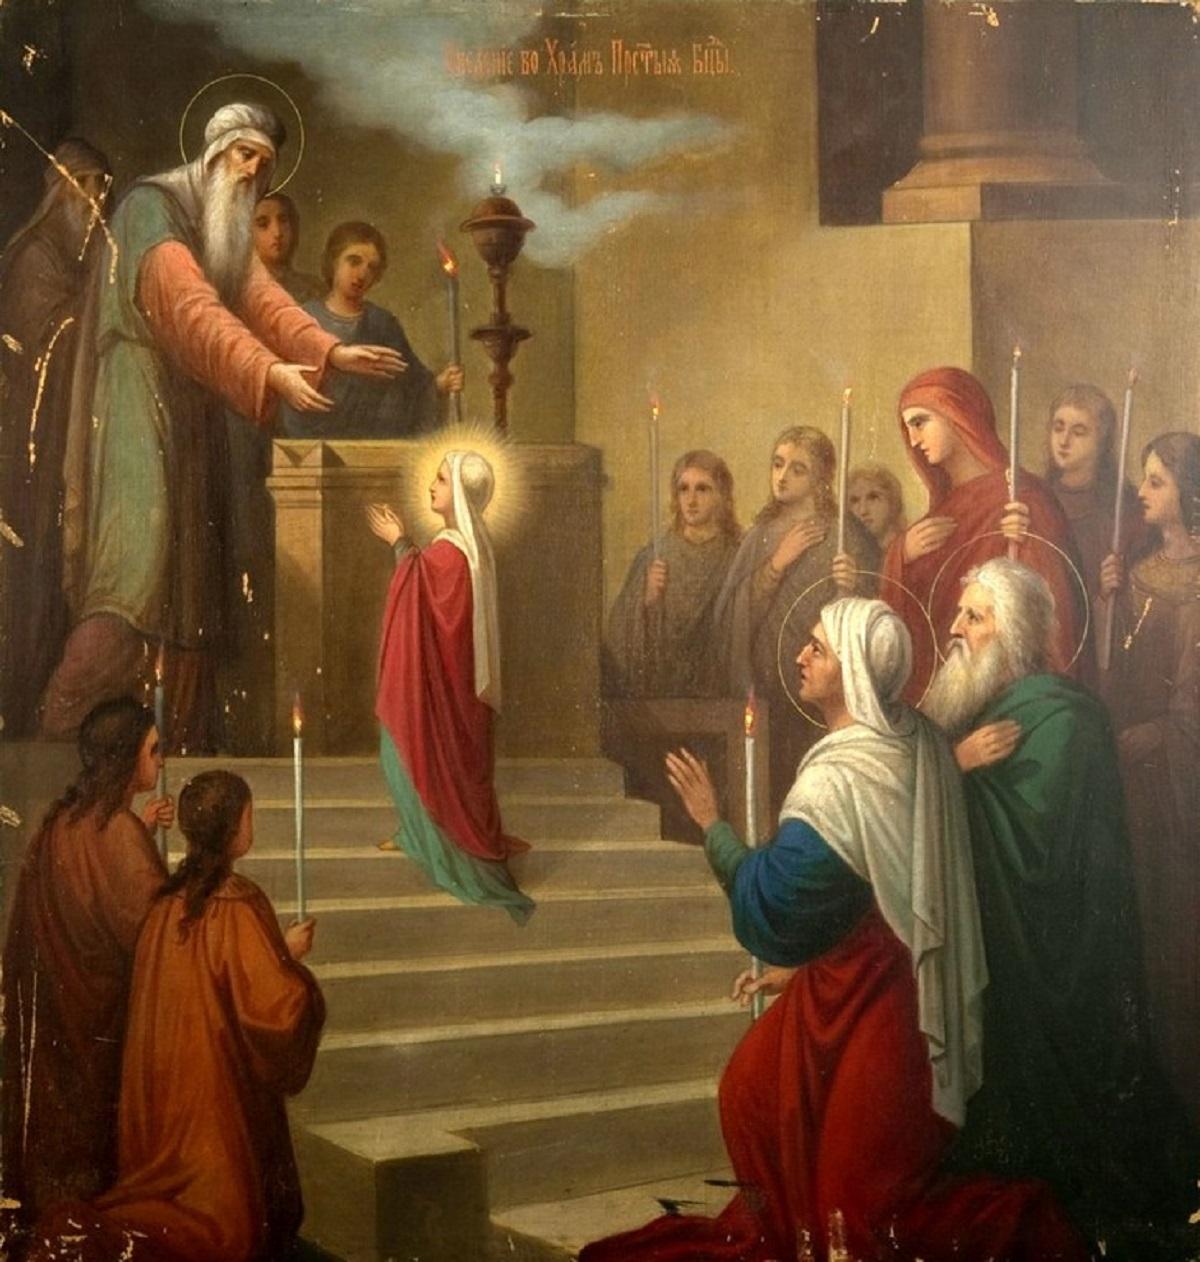 Послушание - живой отклик сердца на заповеди Божии